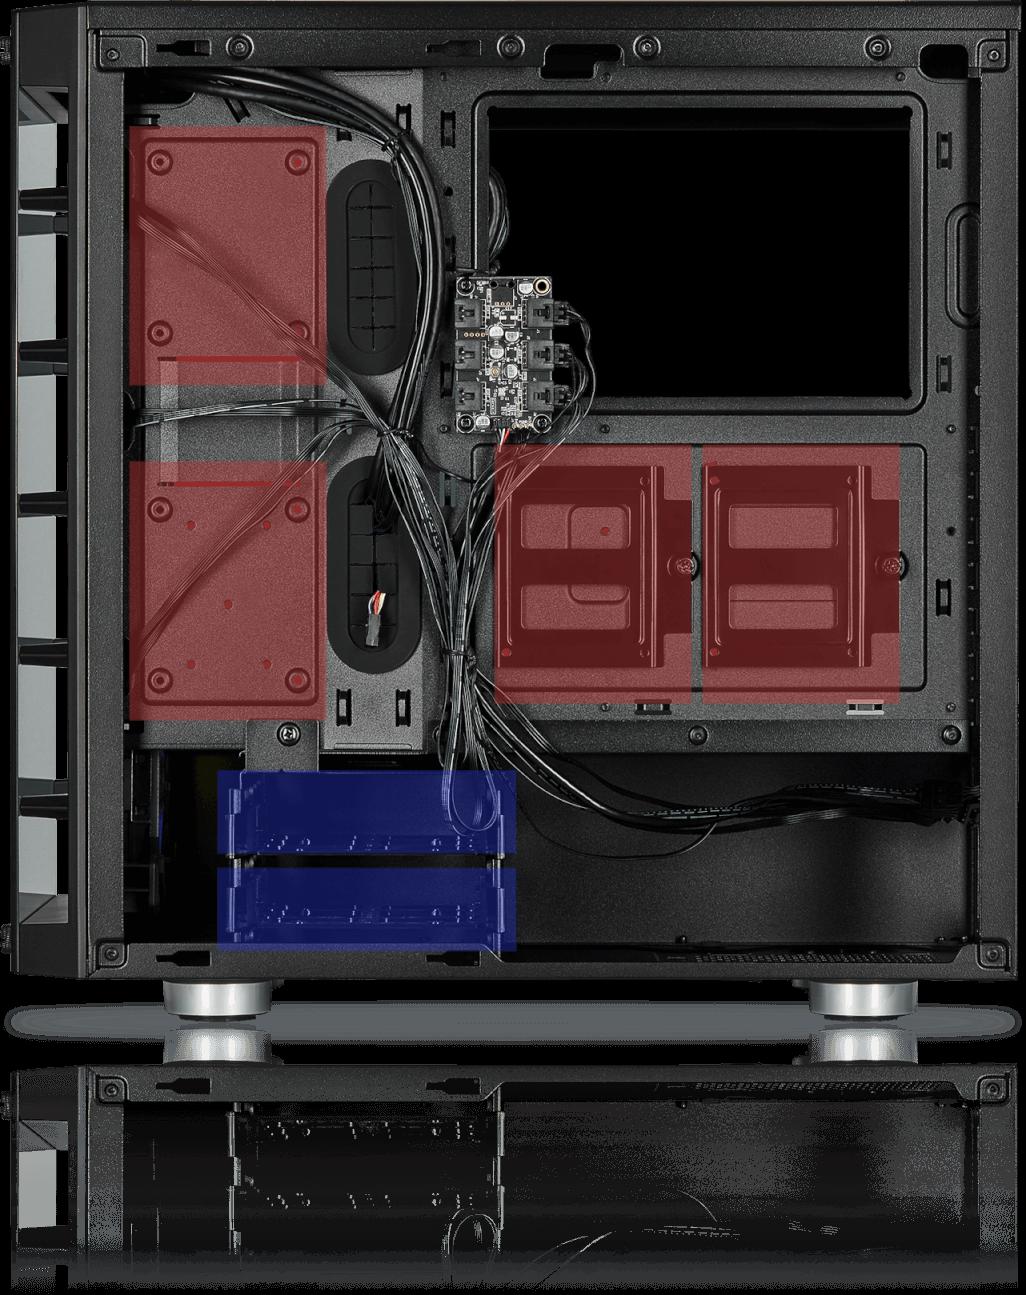 corsair-cc-9011175-ww-02